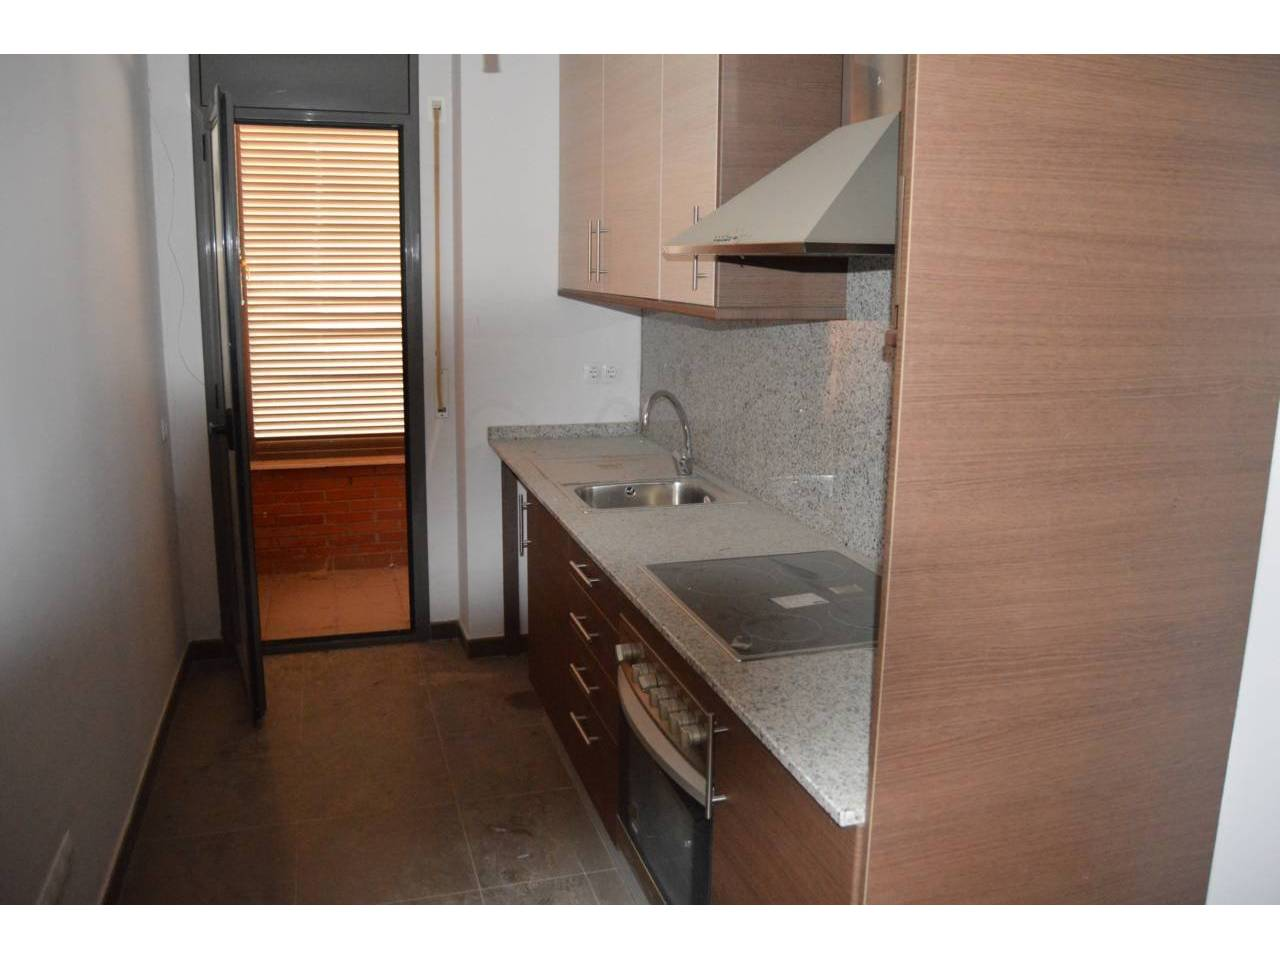 Piso  Calle barcelona. Superf. 82 m²,  3 habitaciones (3 individuales),  2 baños, cocin